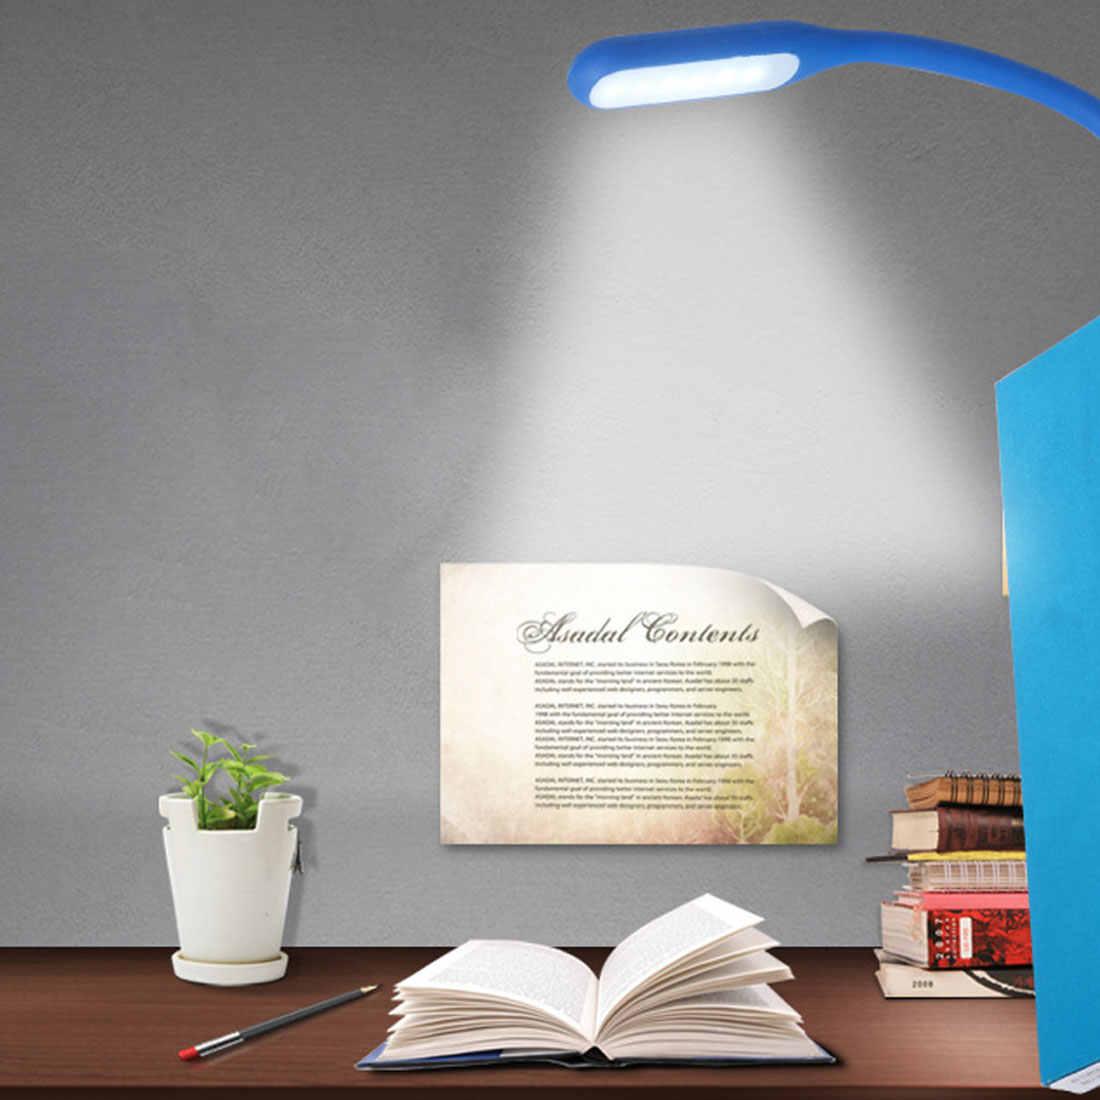 Светильник для чтения, книжный светильник, мини USB светодиодный светильник, 5 В, 1,2 Вт, внешний аккумулятор для ноутбука, портативный светодиодный светильник, USB ночник, s